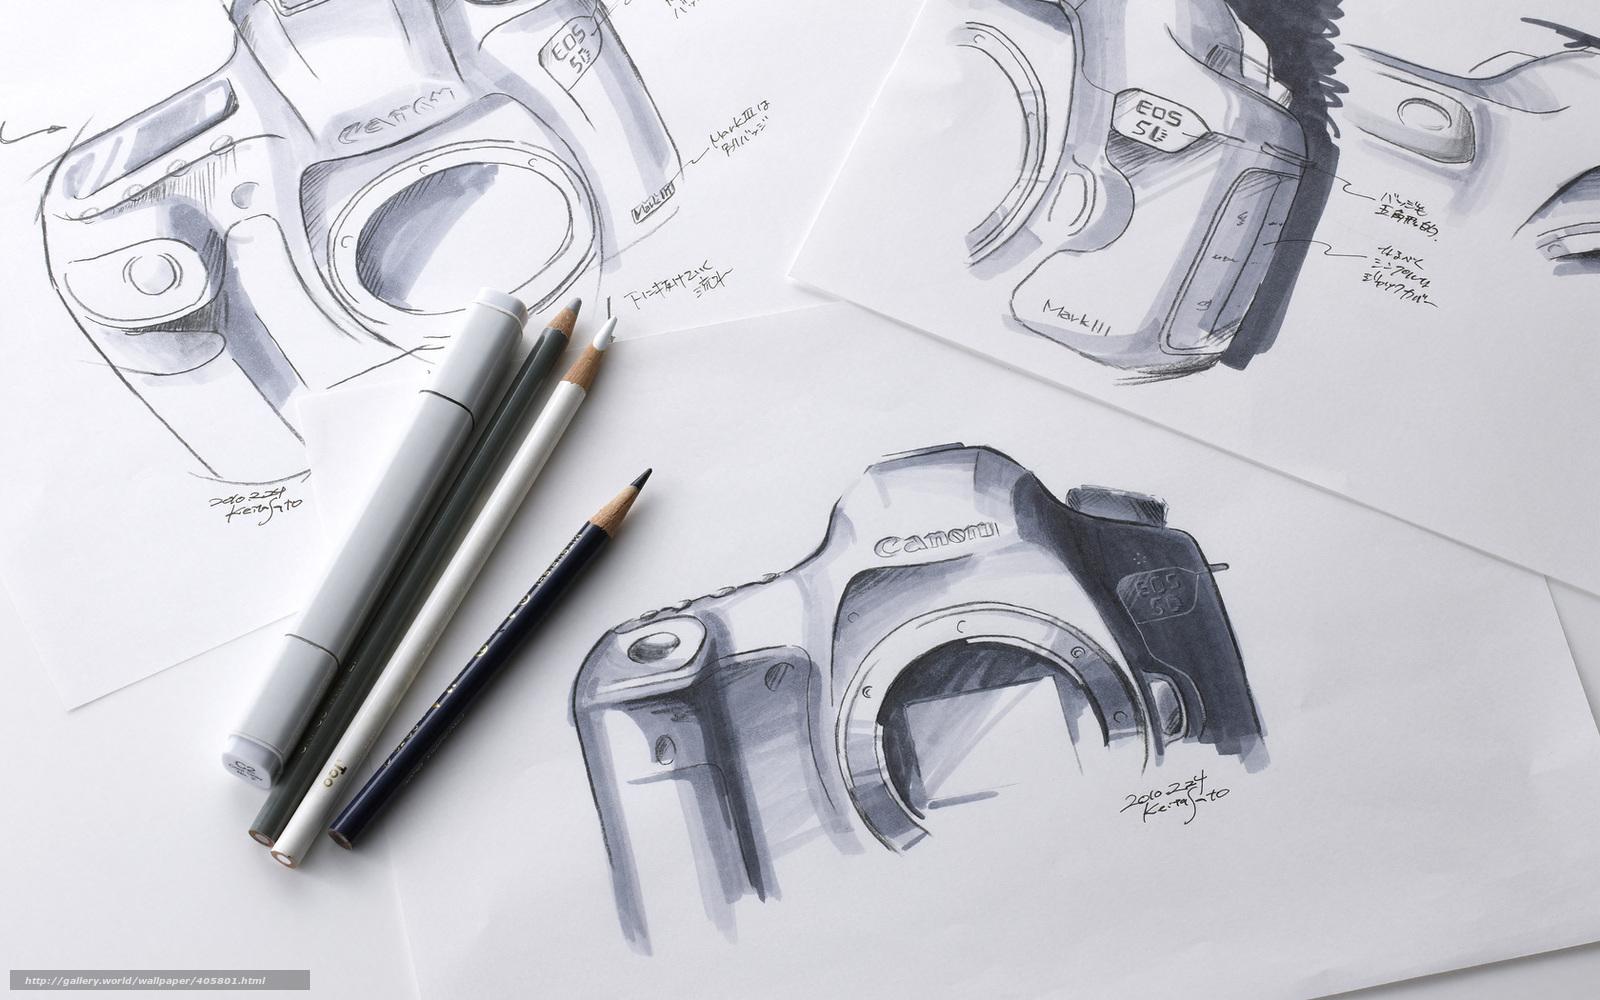 Beliebt Tlcharger Fond d'ecran appareil photo, dessin, croquis, Crayons  CW88